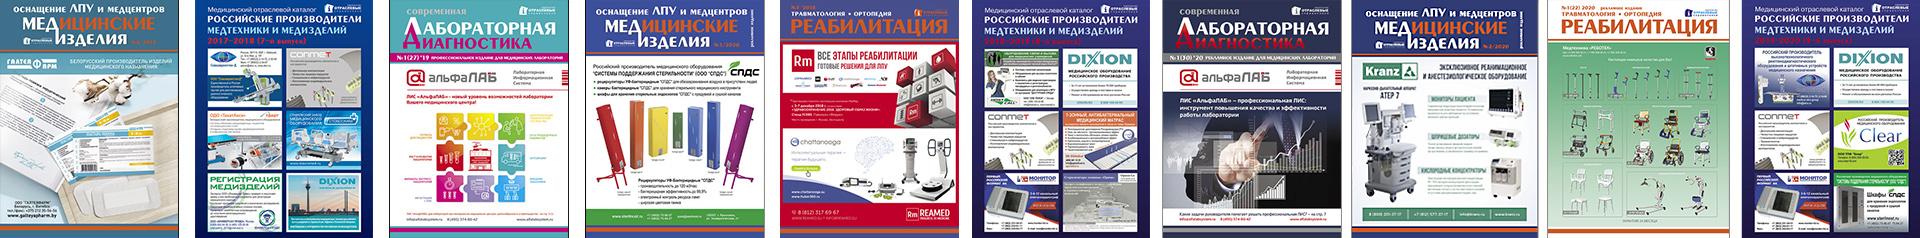 В это сложное время мы продолжаем выпускать печатные и электронные издания по медицинской технике.